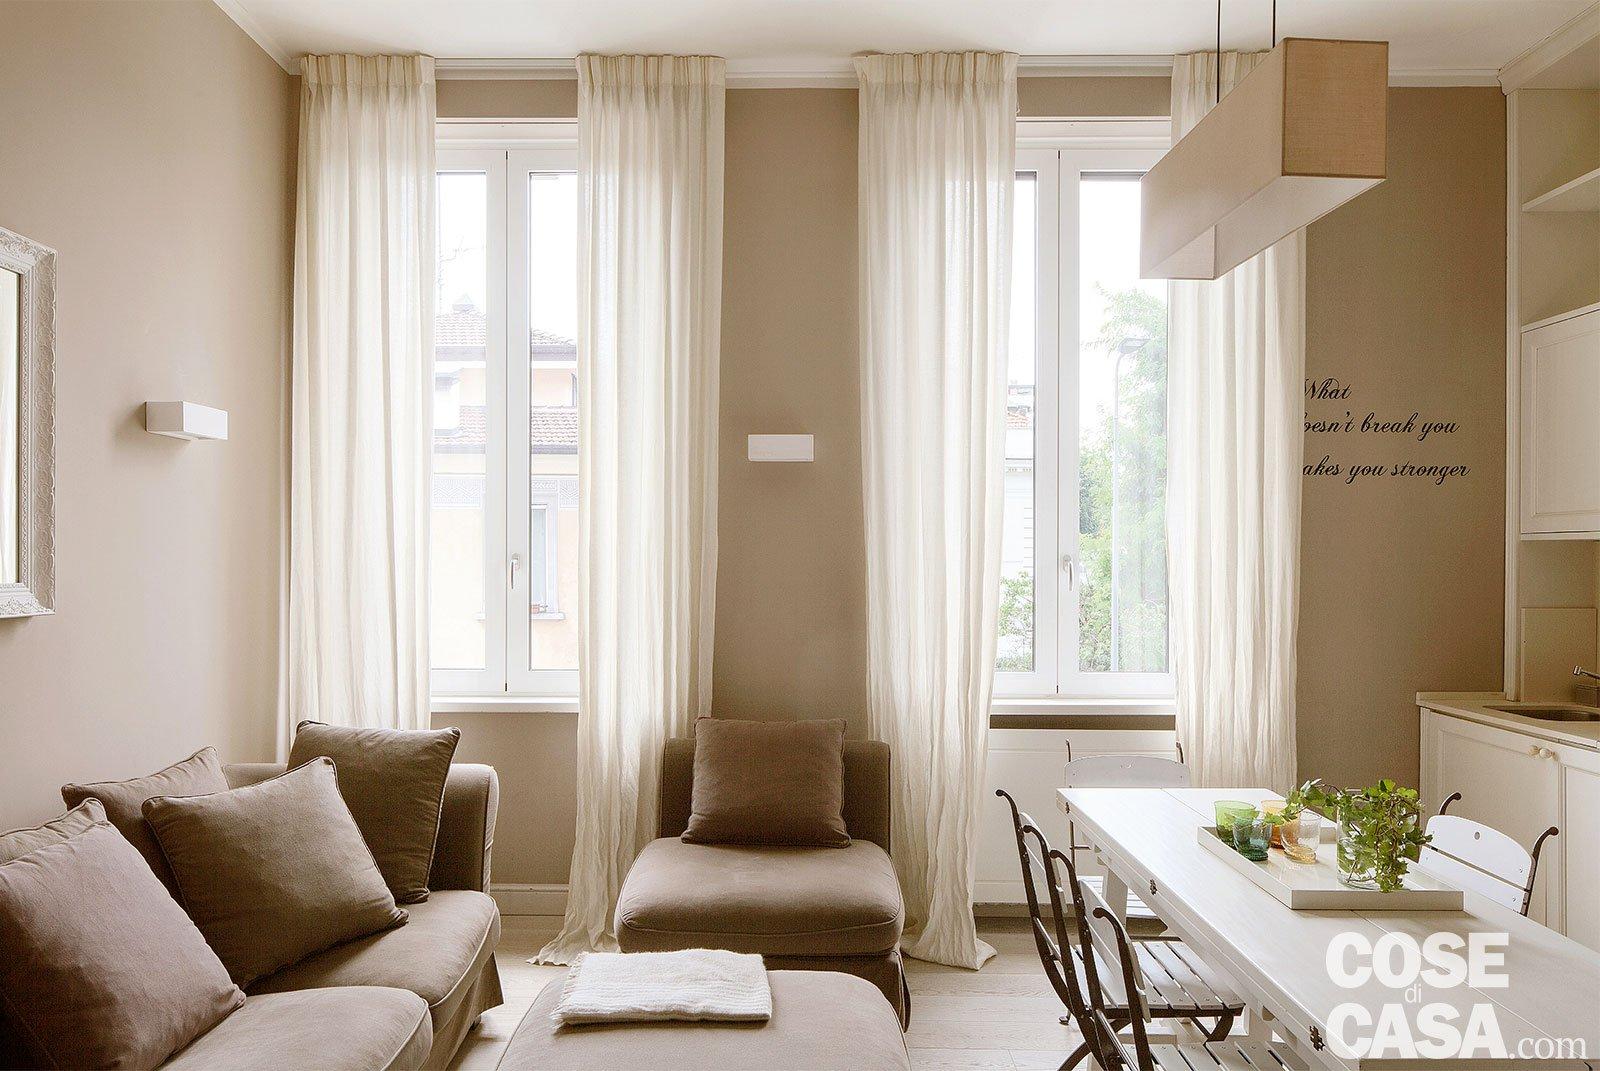 Ristrutturare Appartamento 35 Mq bilocale di 43 mq: mini spazi ben sfruttati, nella casa con